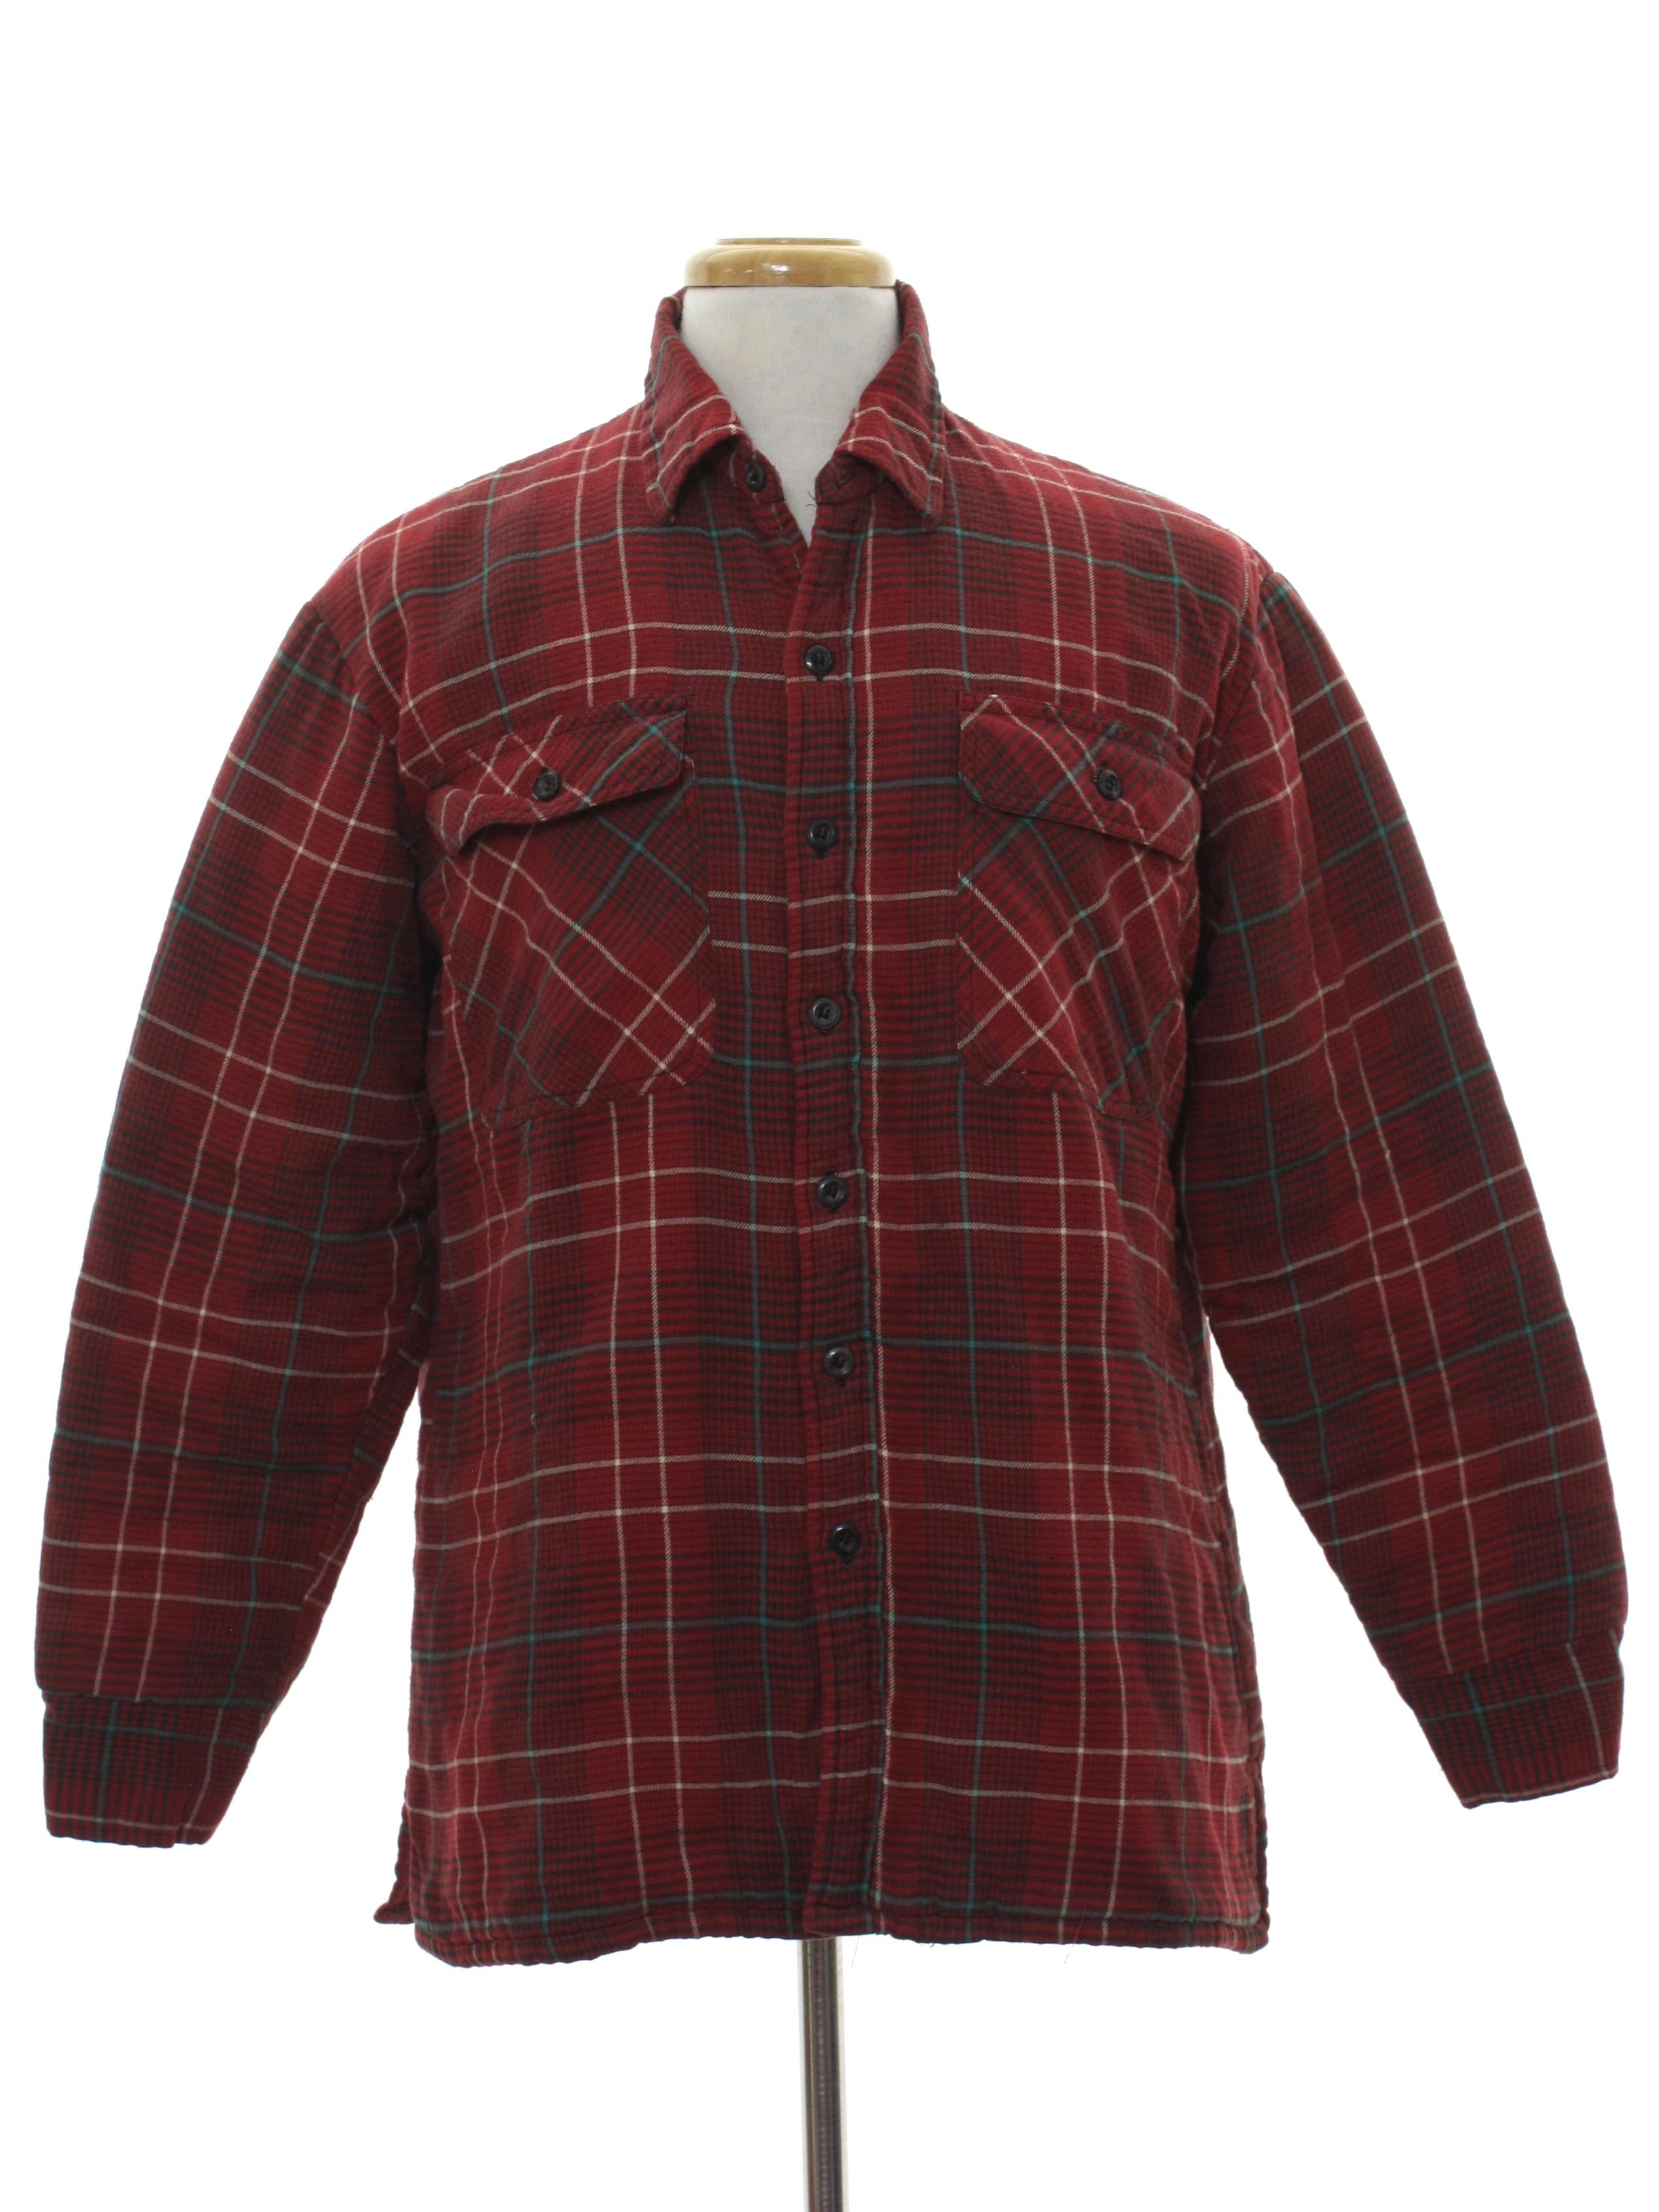 Vintage Soft Cotton Plaid Shirt